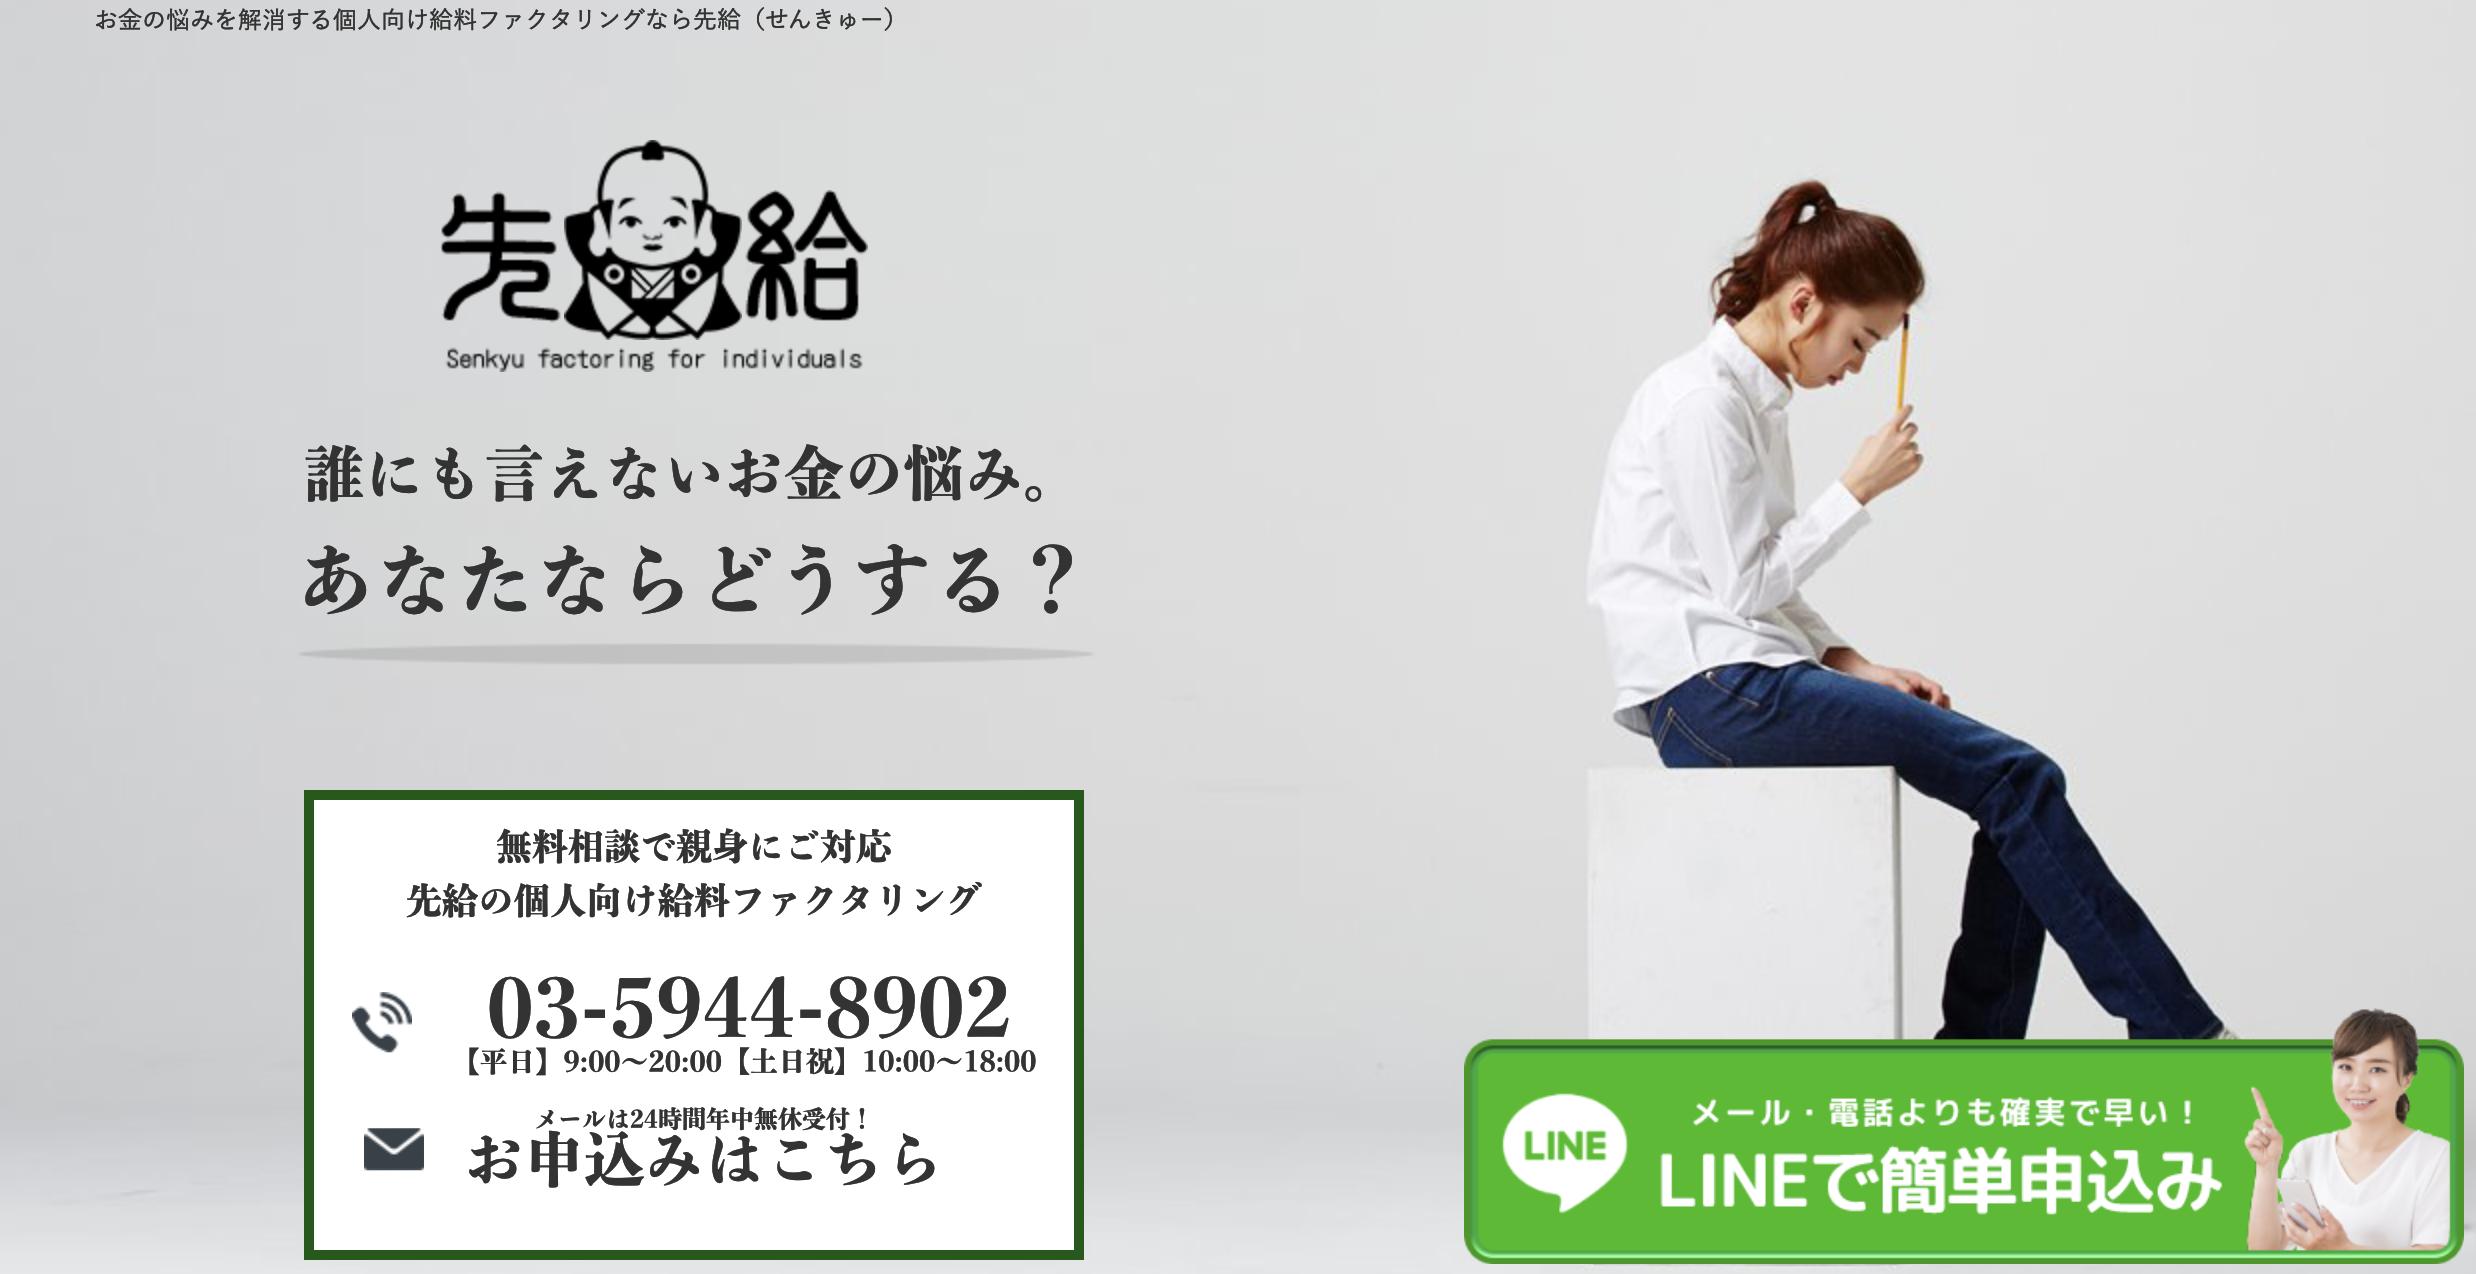 先給(せんきゅー)-給料ファクタリングの会社情報とサービス内容